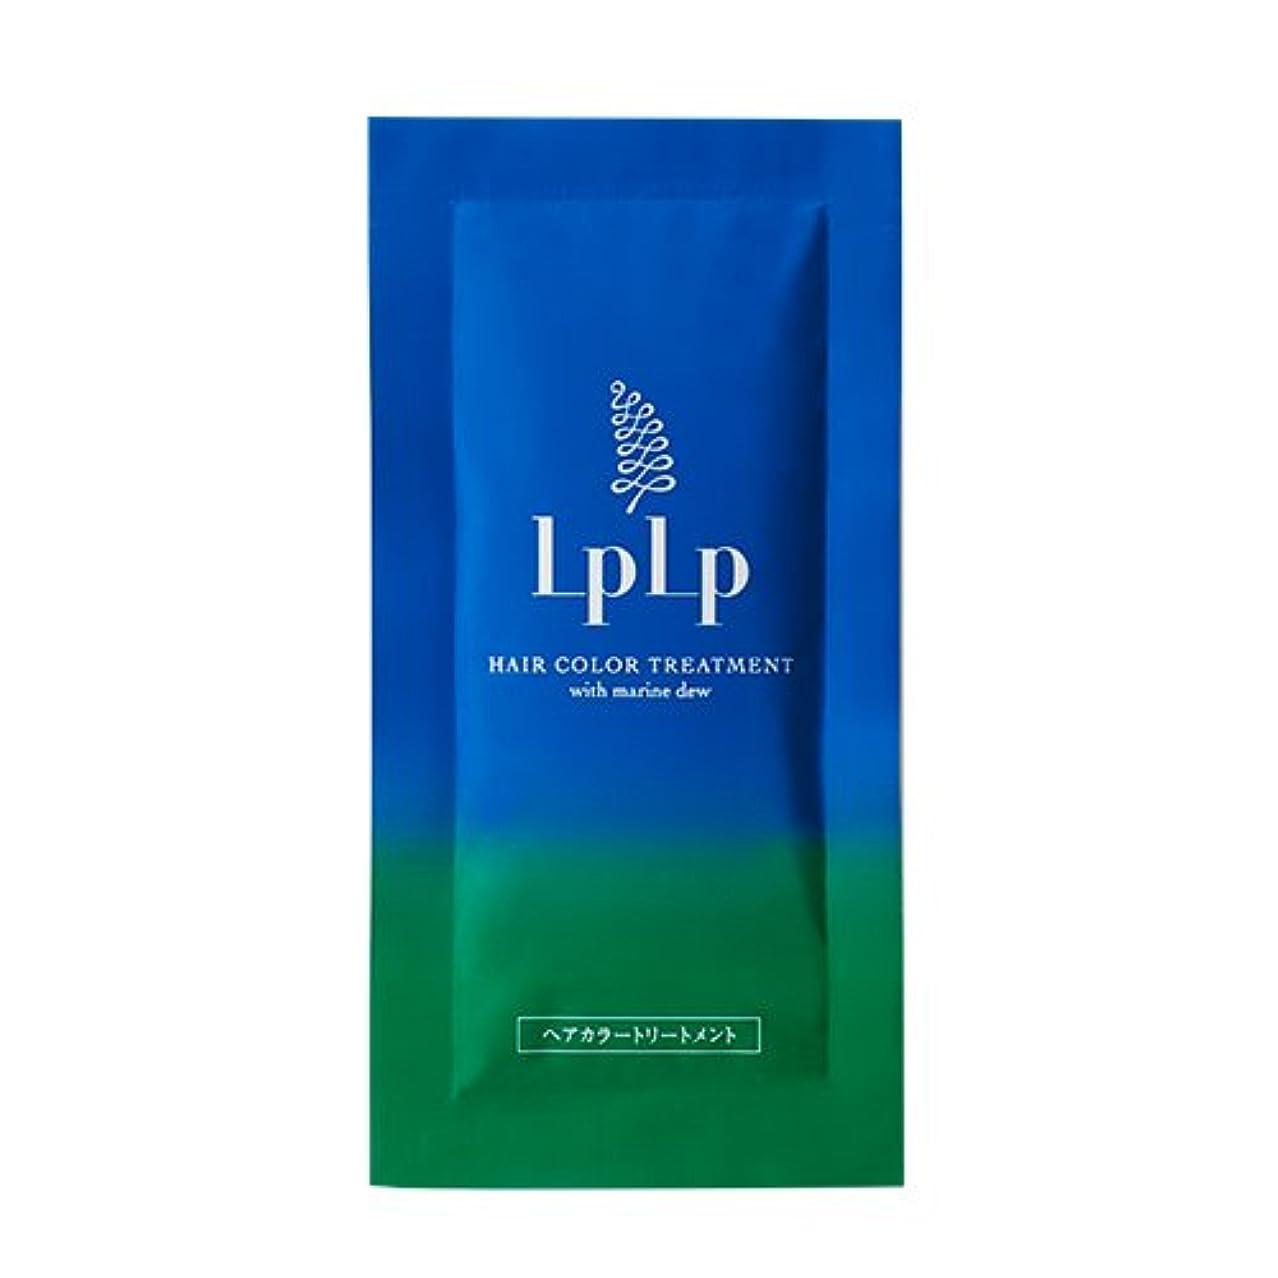 アデレード飾るマージLPLP(ルプルプ)ヘアカラートリートメントお試しパウチ ブラウン